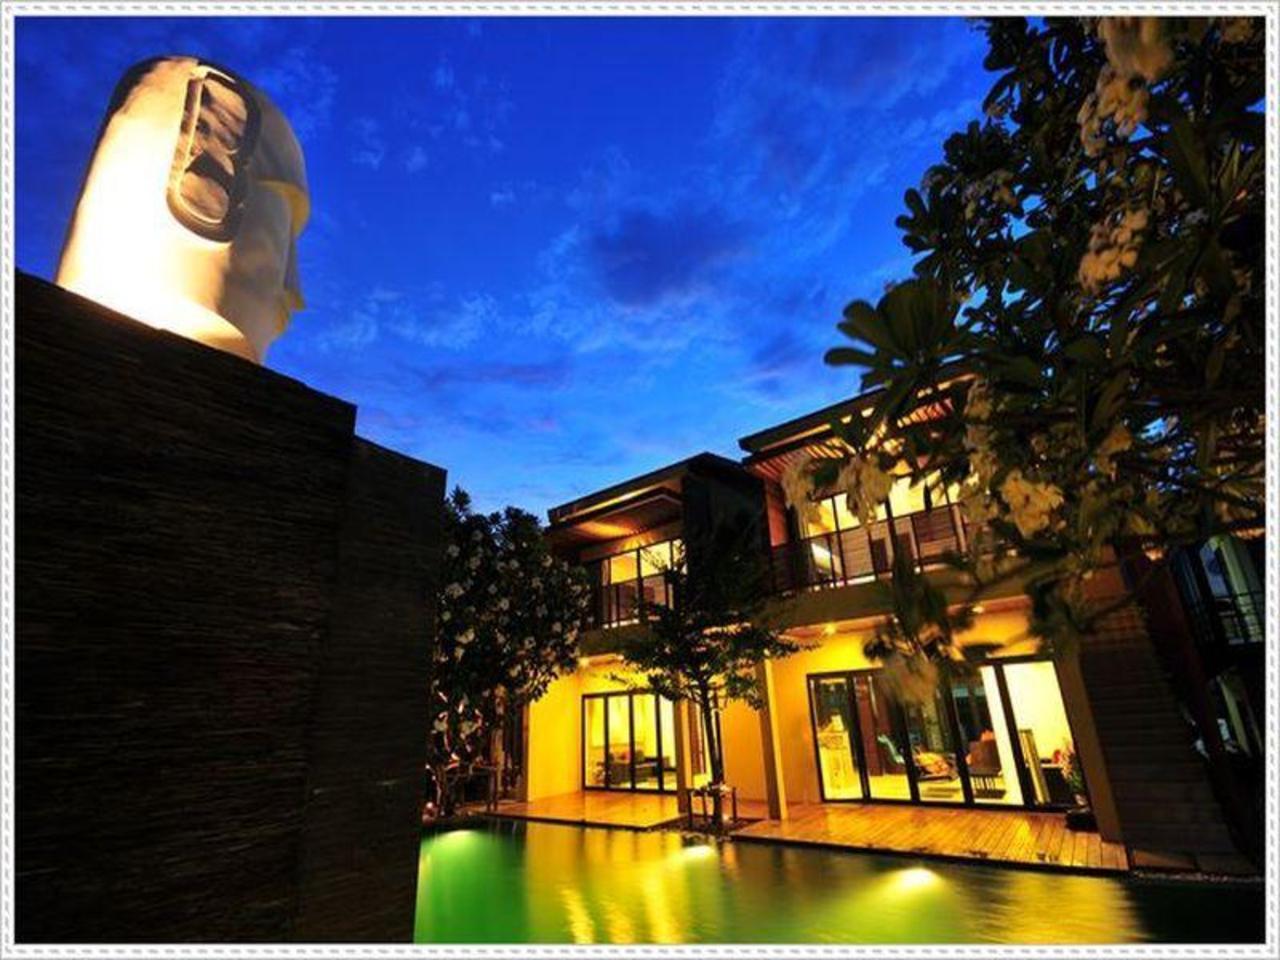 แคปสโตน รีสอร์ท (Capstone Resort)